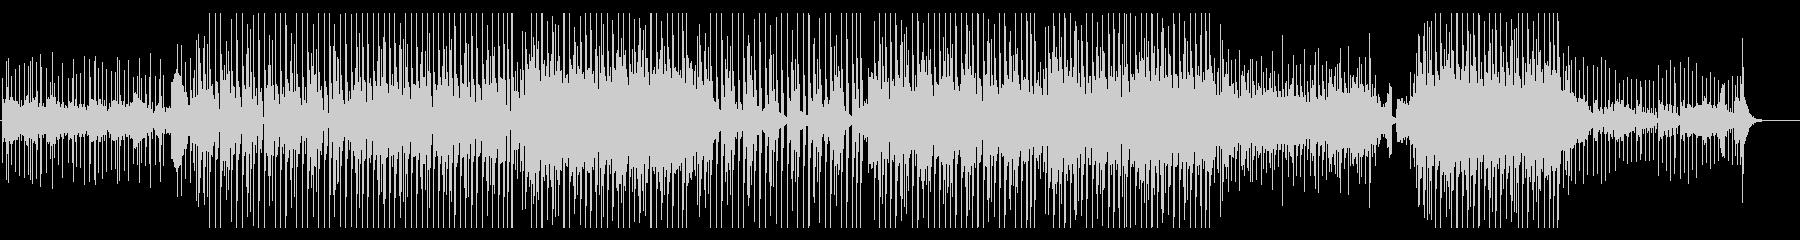 切ない雰囲気のビート/トロピカルハウスの未再生の波形